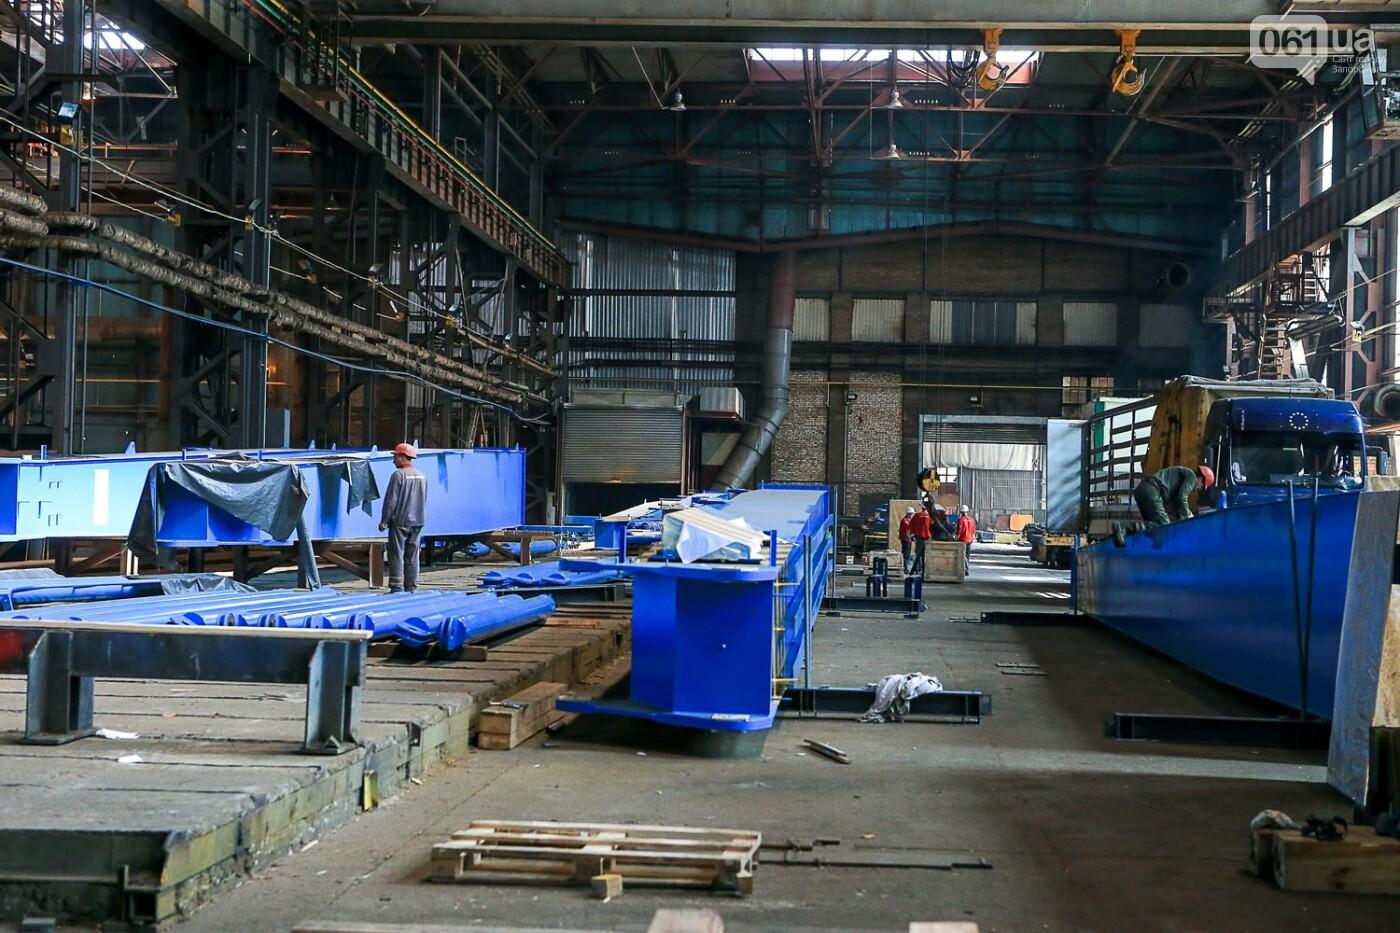 Как в Запорожье работает крупнейший в Европе завод по производству кранов: экскурсия на производство, — ФОТОРЕПОРТАЖ, фото-32